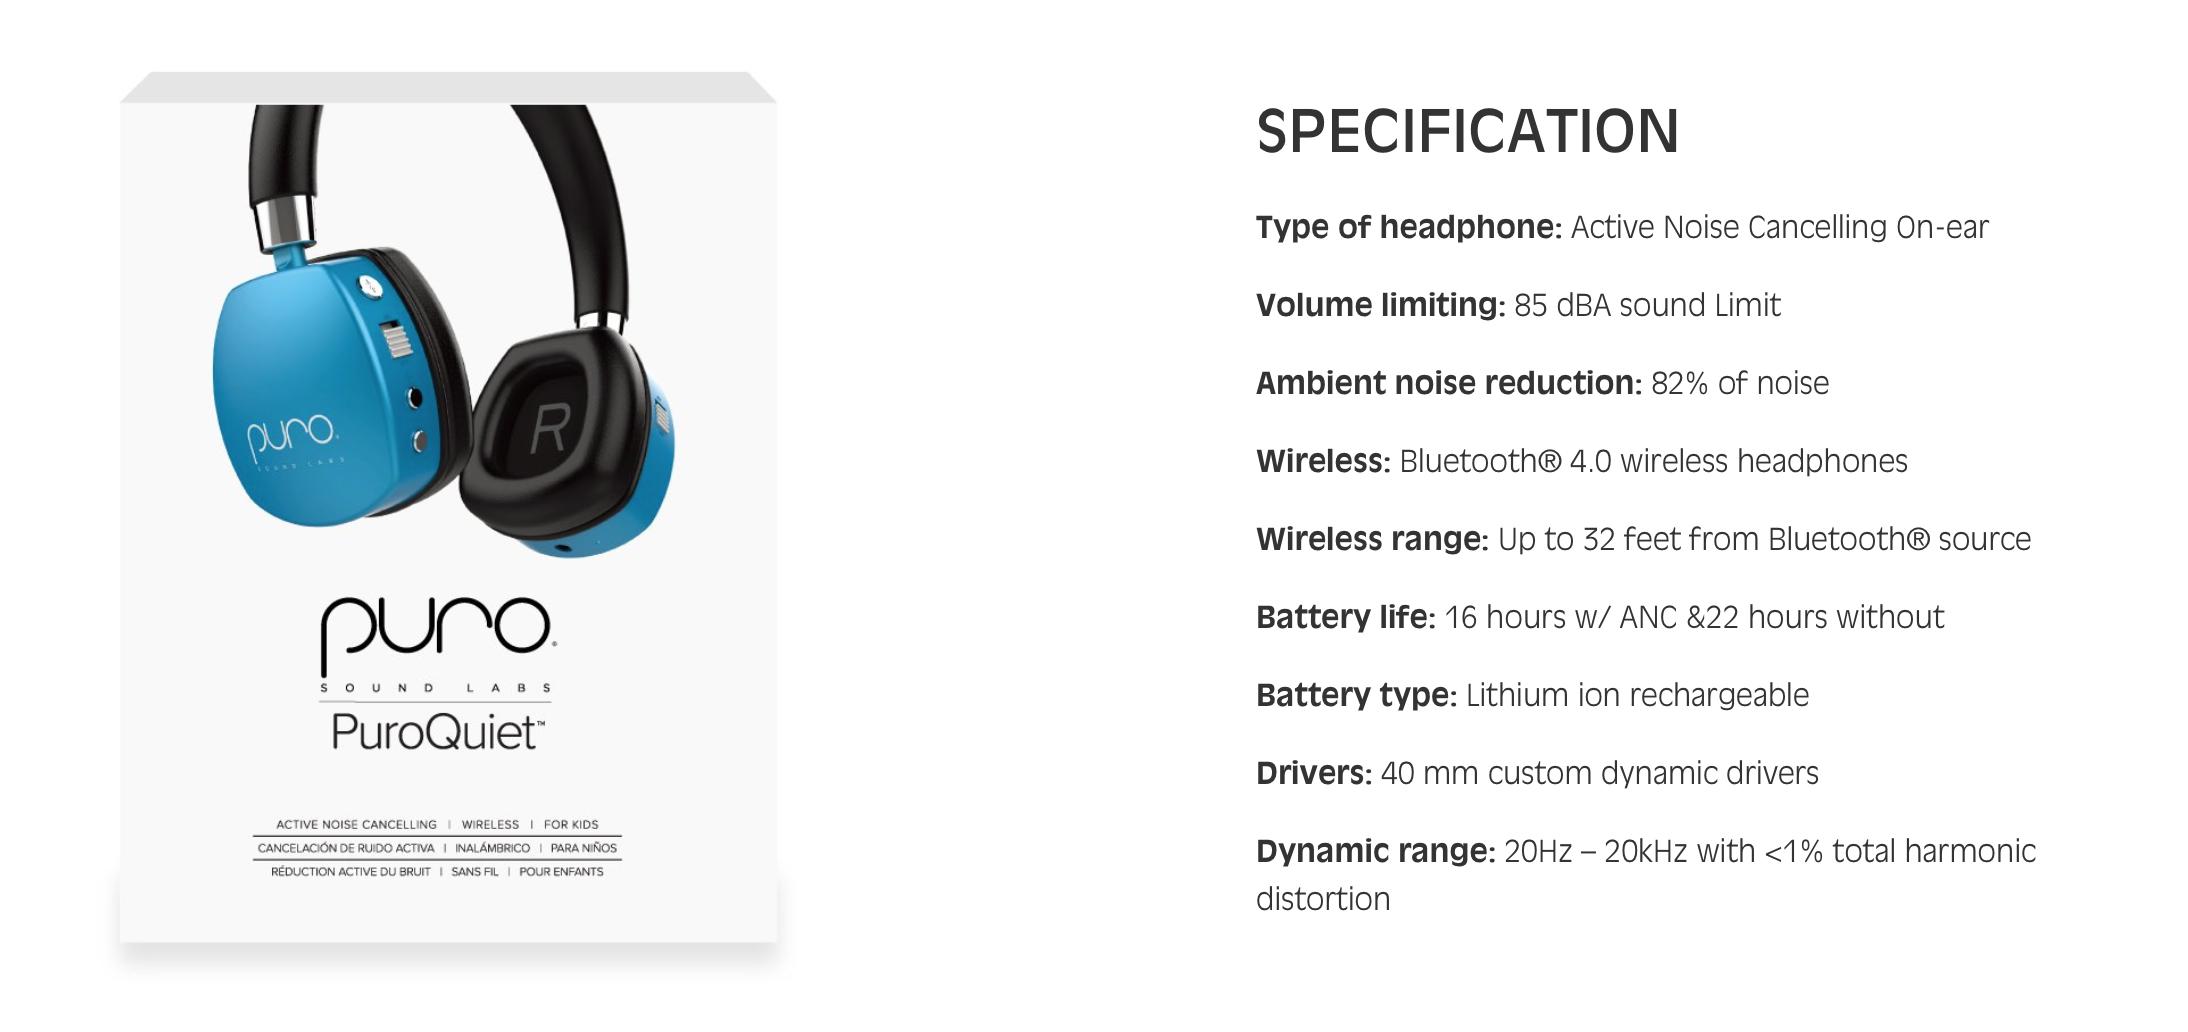 PuroQuiet Headphones